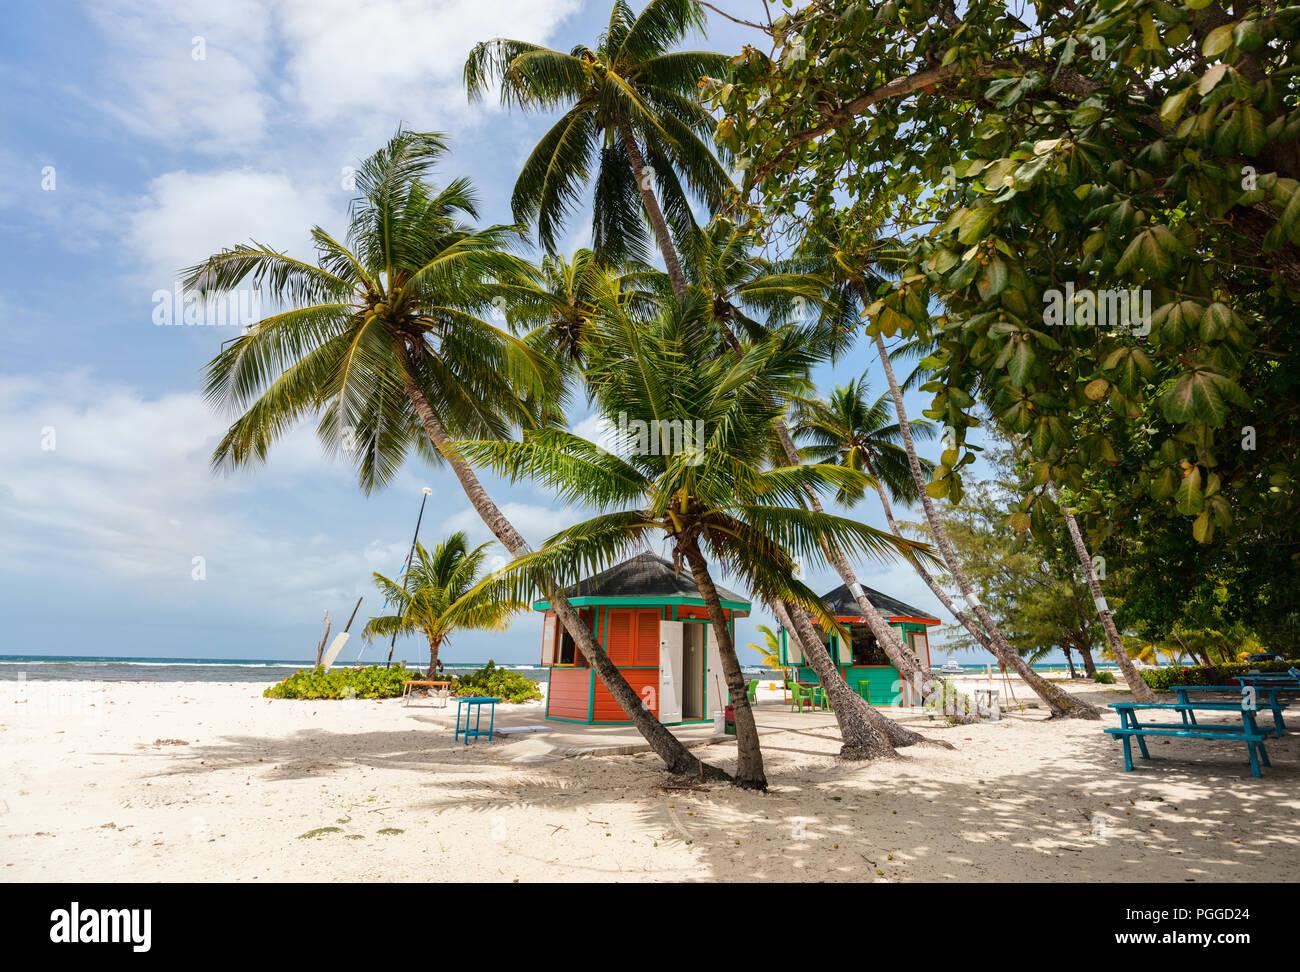 Tropical idílica playa de arena blanca, palmeras y turquesas aguas del océano en la isla de Barbados en el Caribe Imagen De Stock